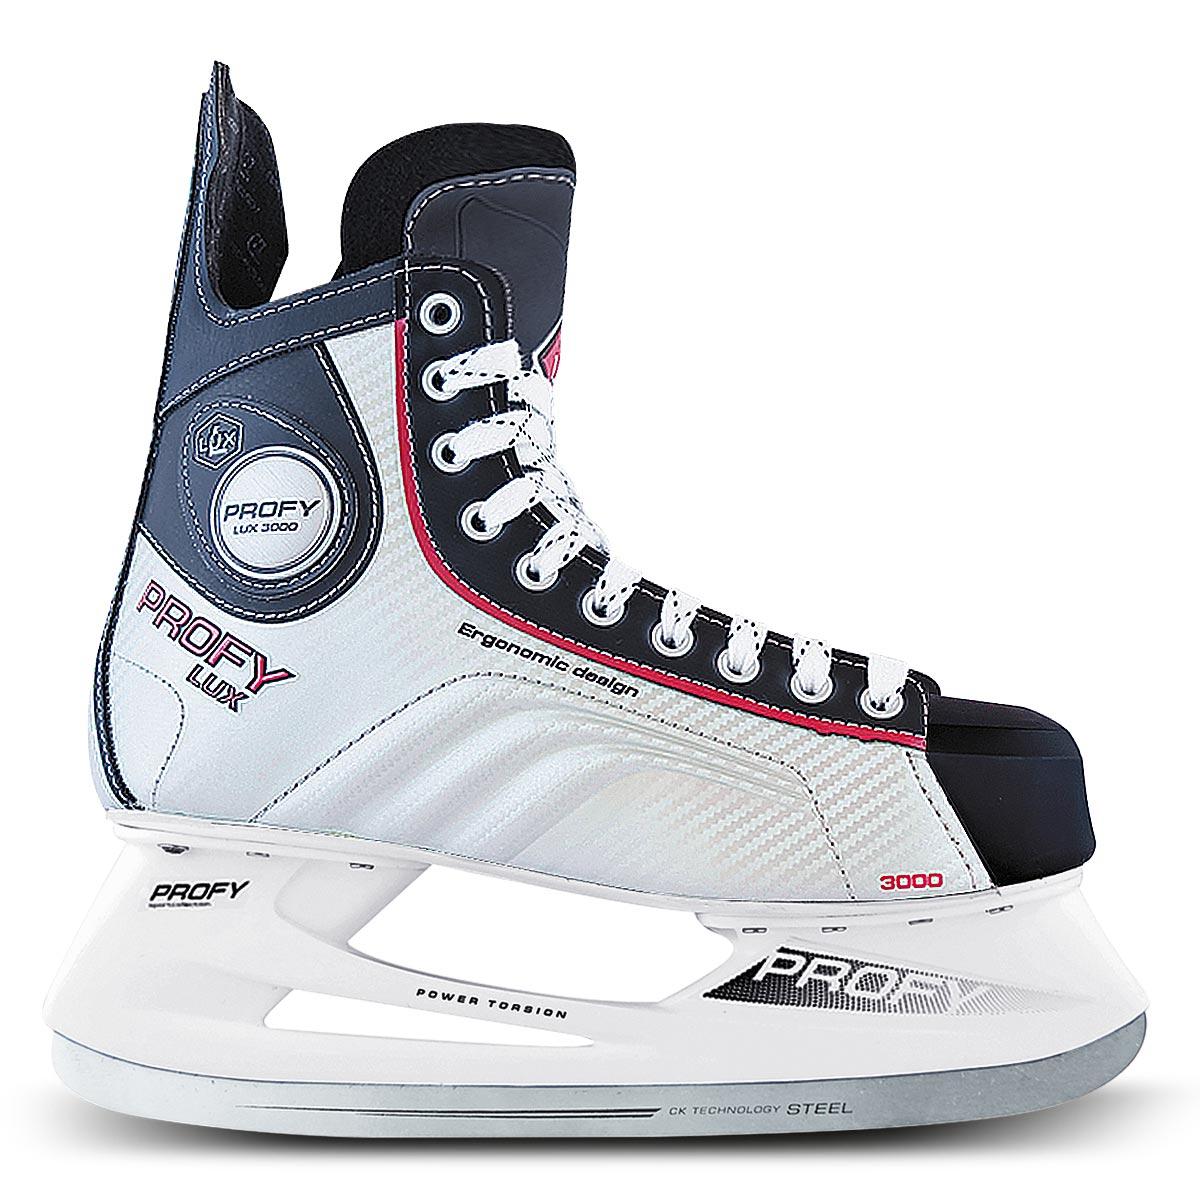 Коньки хоккейные мужские СК Profy Lux 3000, цвет: черный, серебряный, красный. Размер 46 PROFY LUX 3000 Red_46